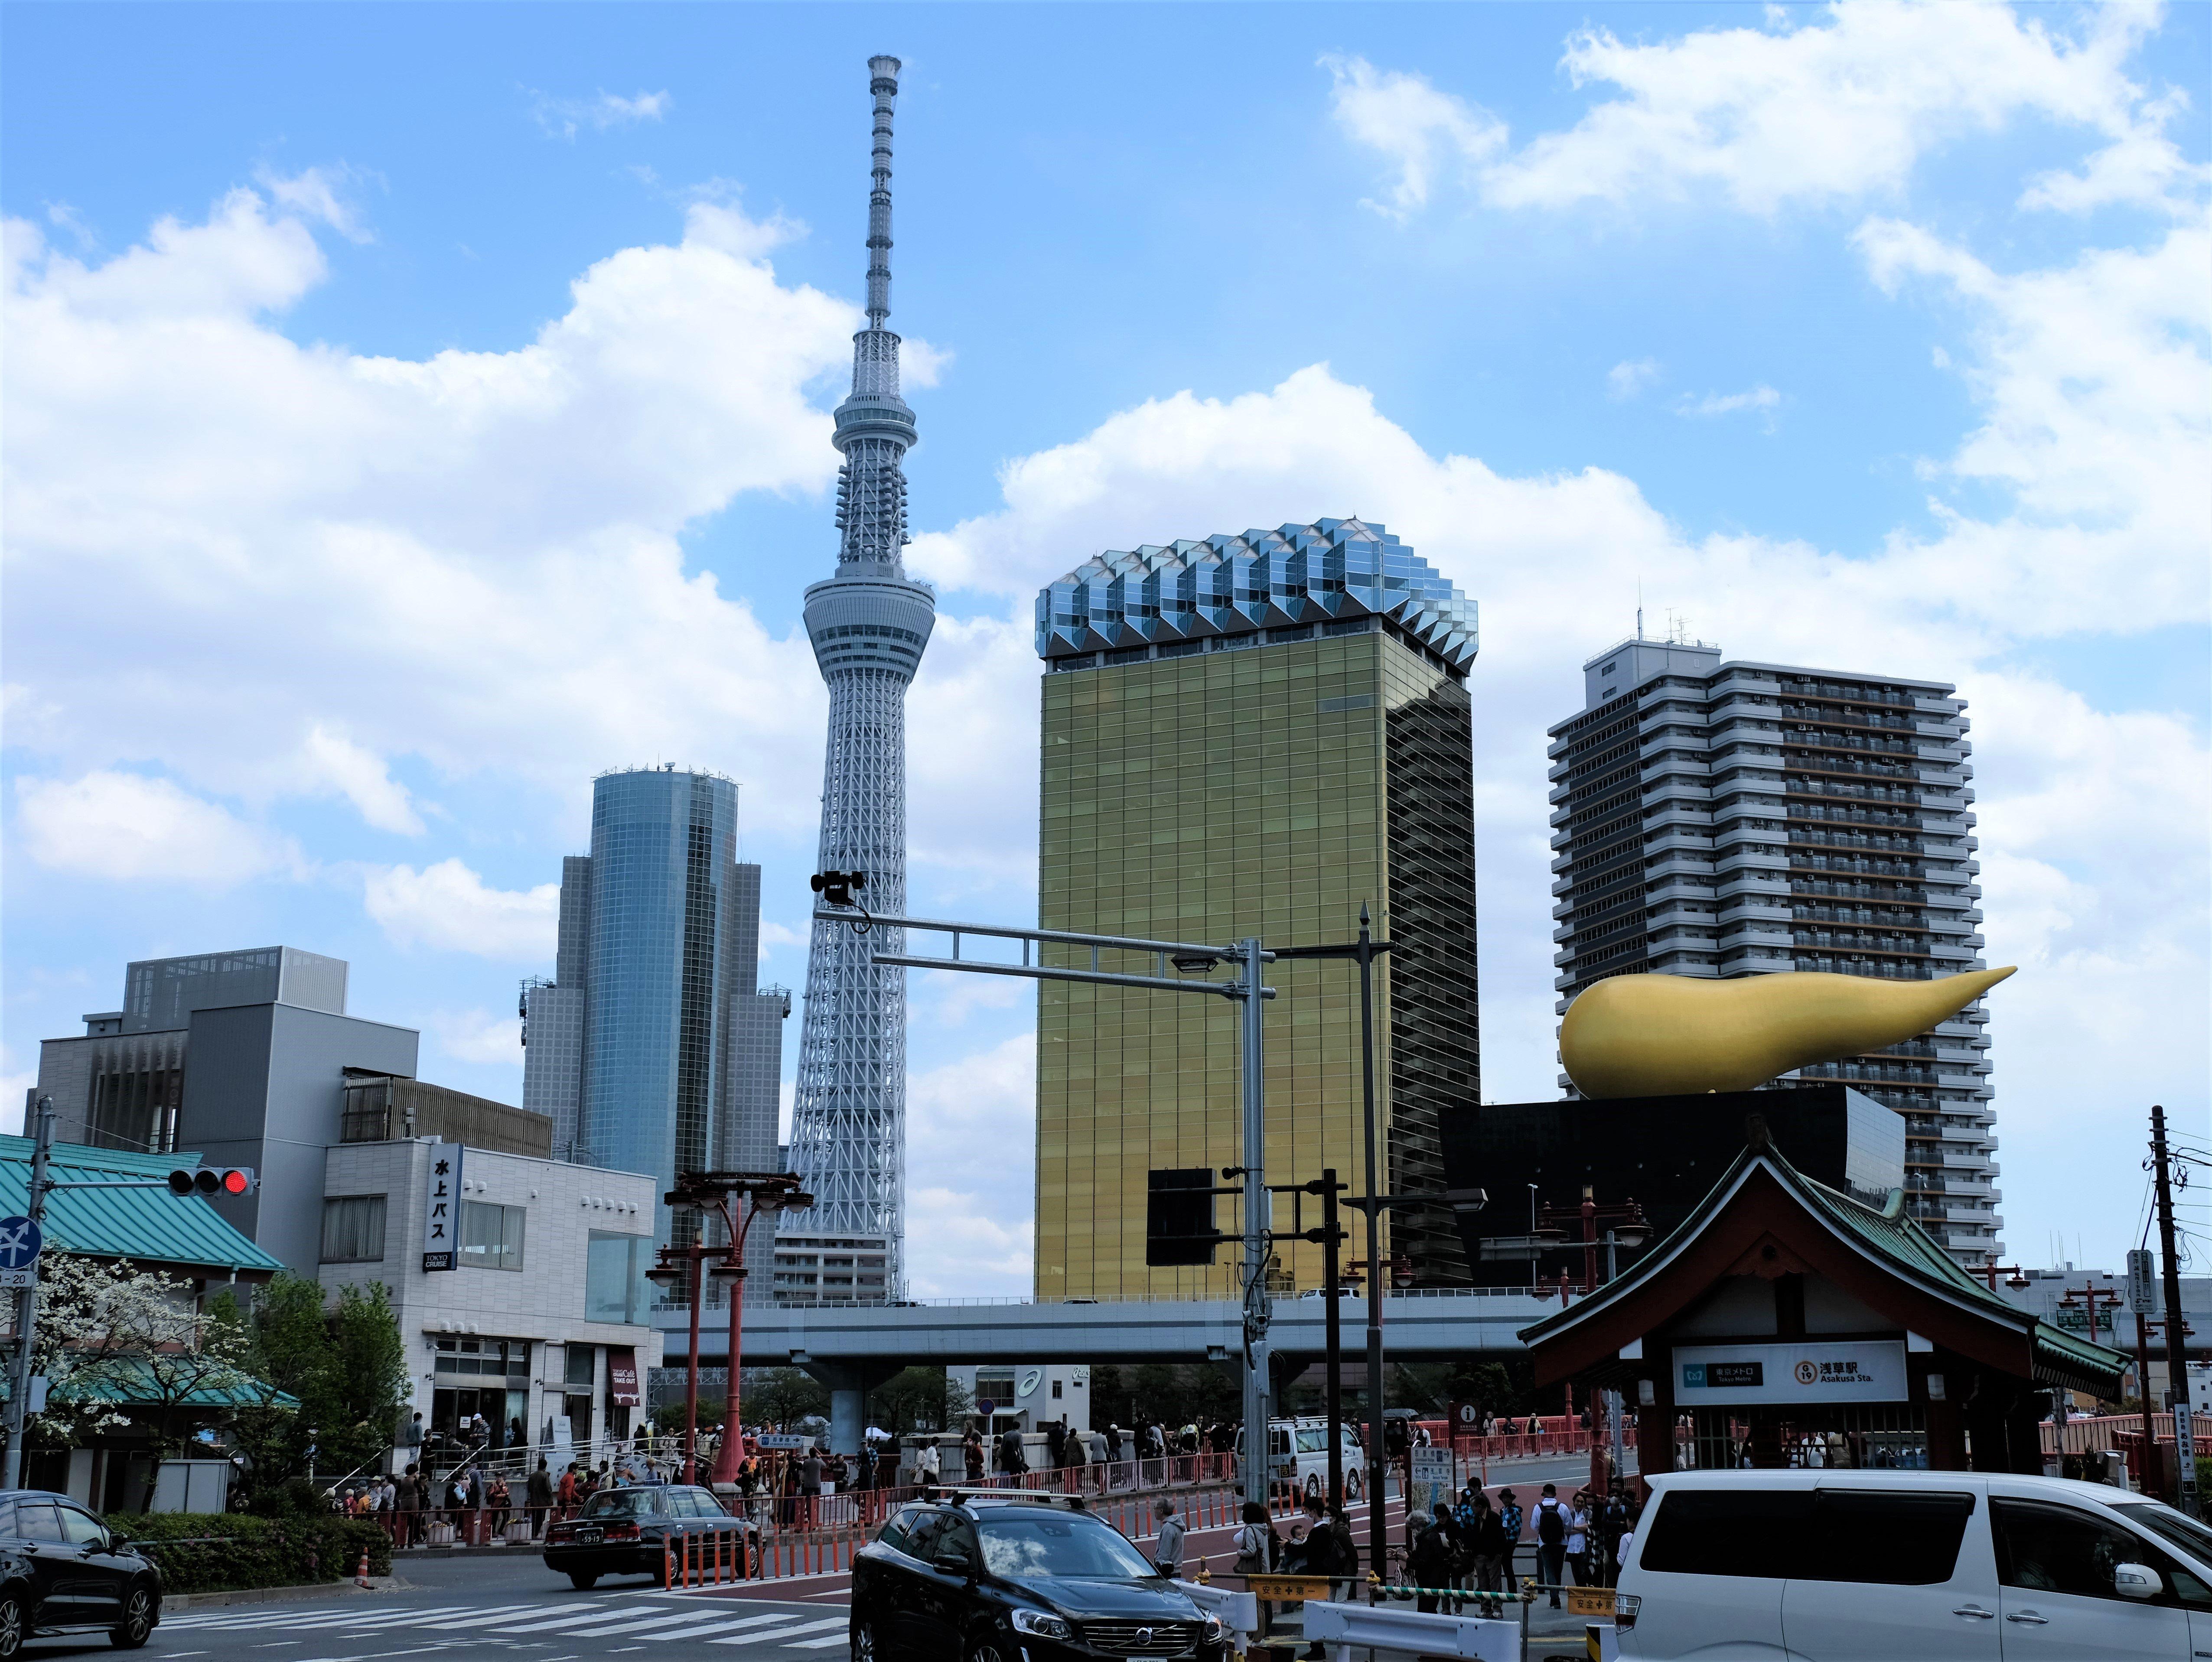 Tokyo Skytree, Asahi Beer Hall and Asahi Flame